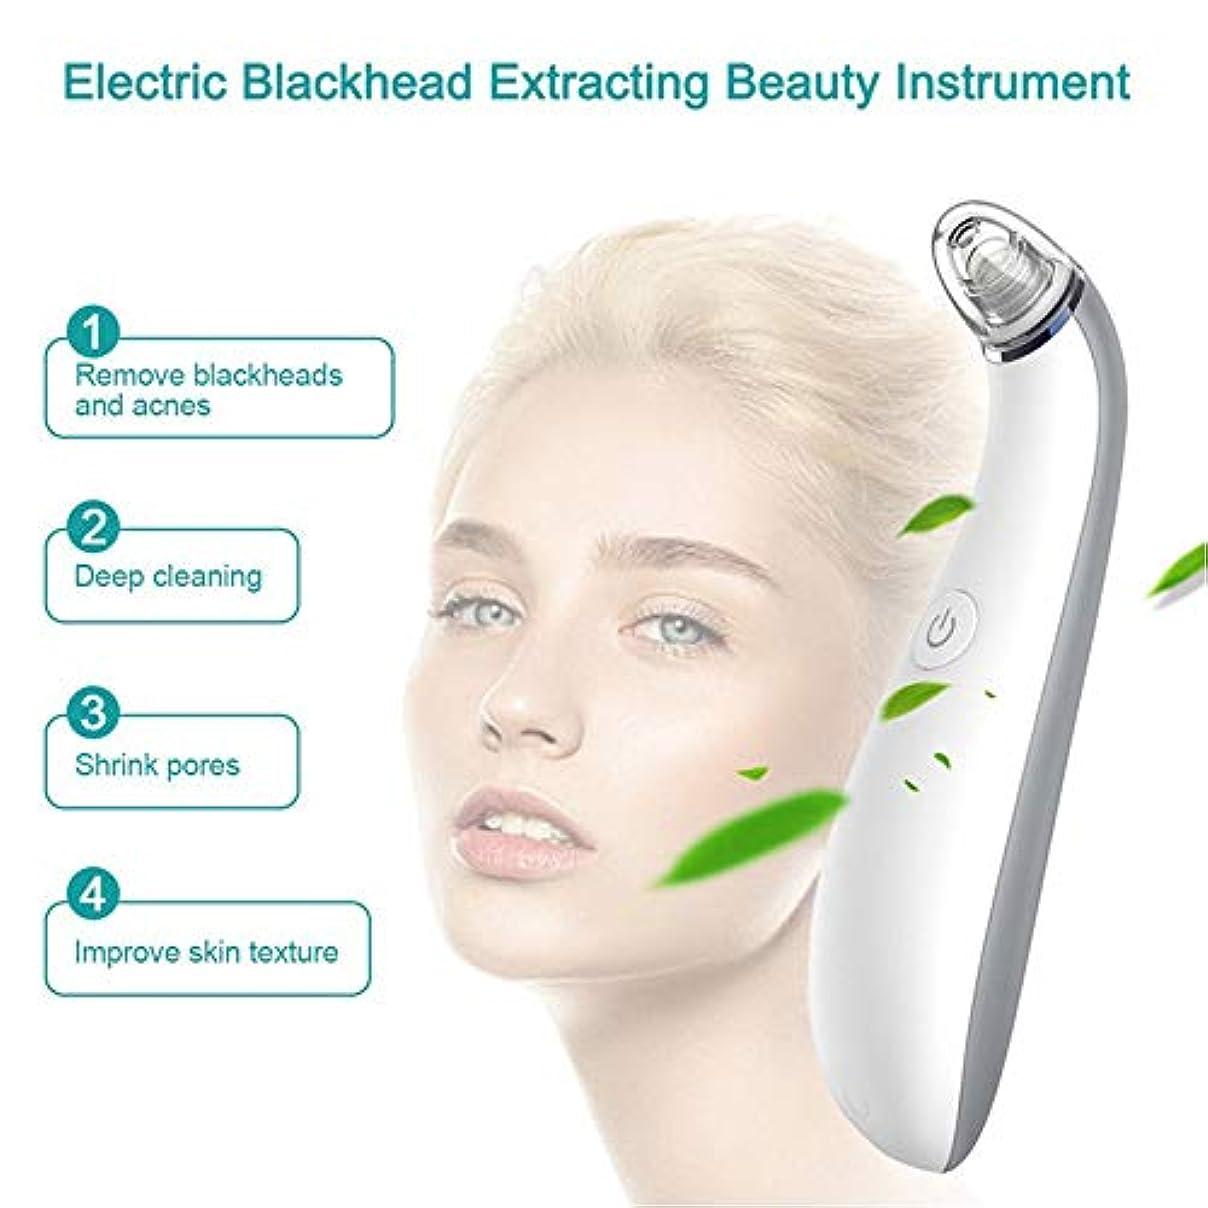 引用成り立つなに気孔の真空の深くきれいな、皮膚健康のための電気顔の安定した吸引のスキンケア用具4取り替え可能な吸引の頭部USB再充電可能